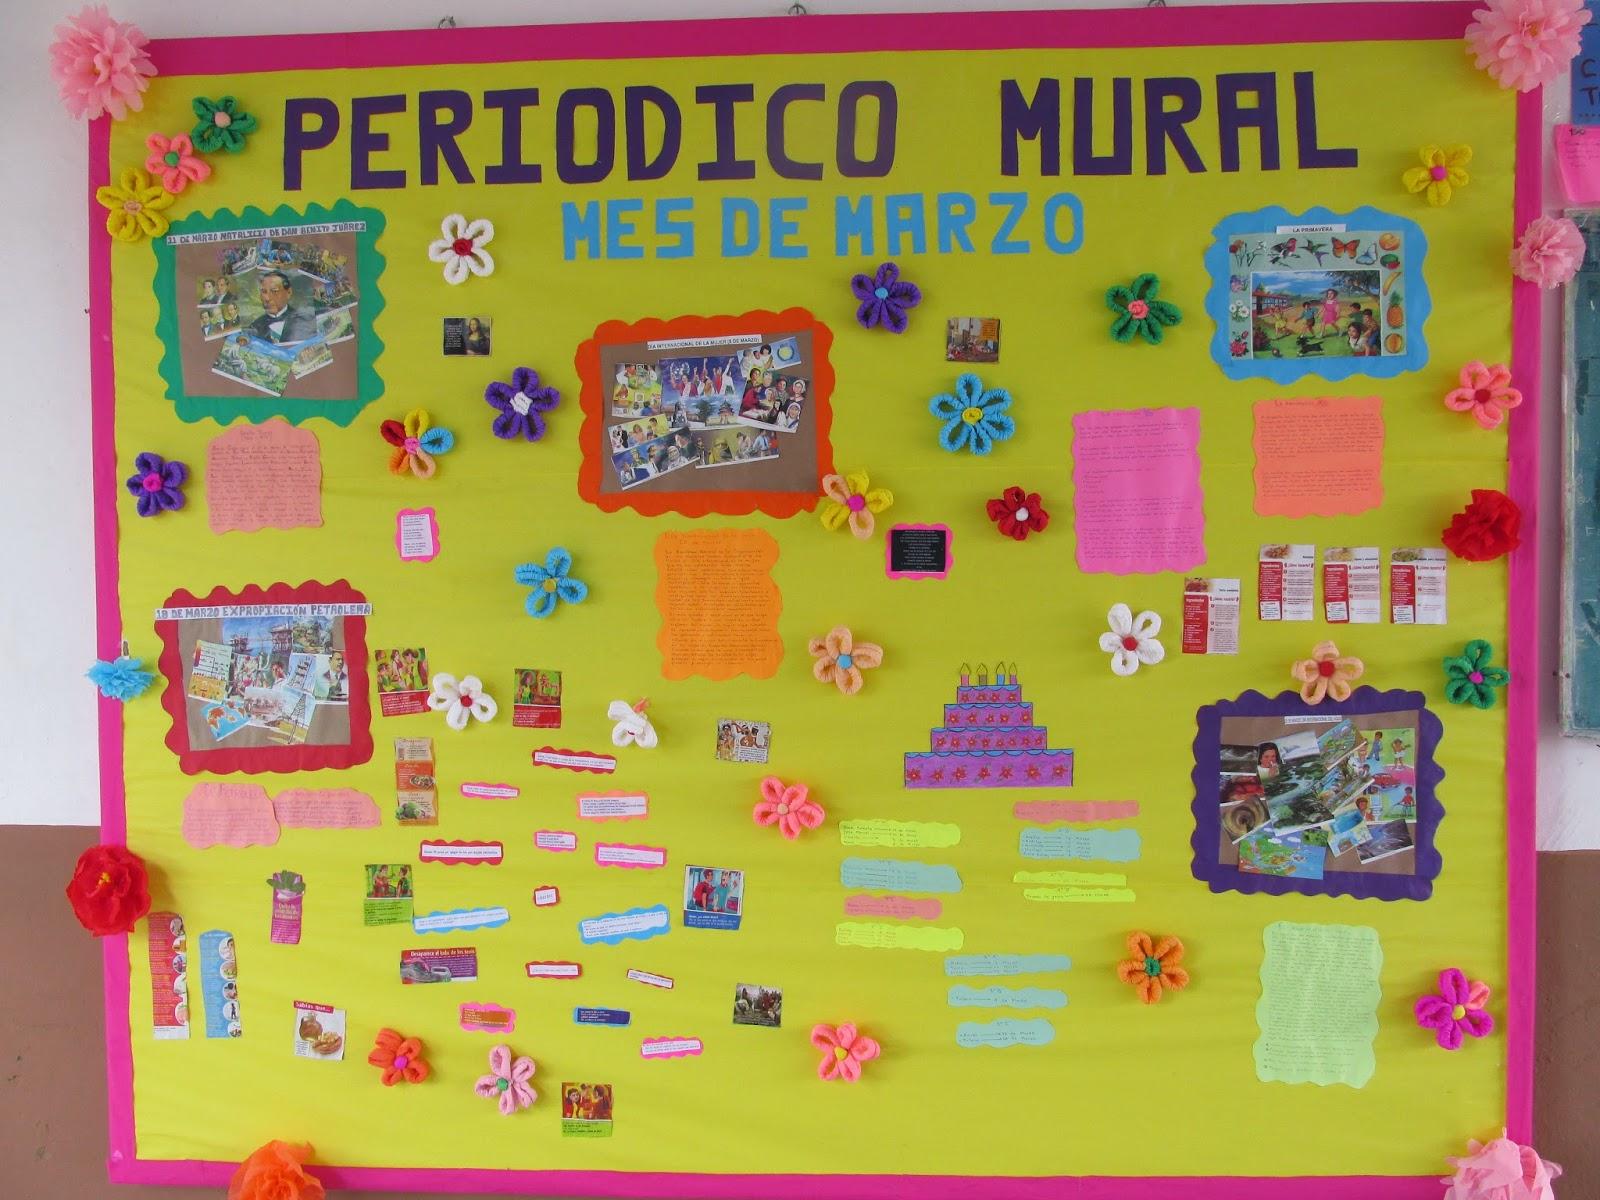 Peri dico mural marzo 7 imagenes educativas for Amenidades para periodico mural